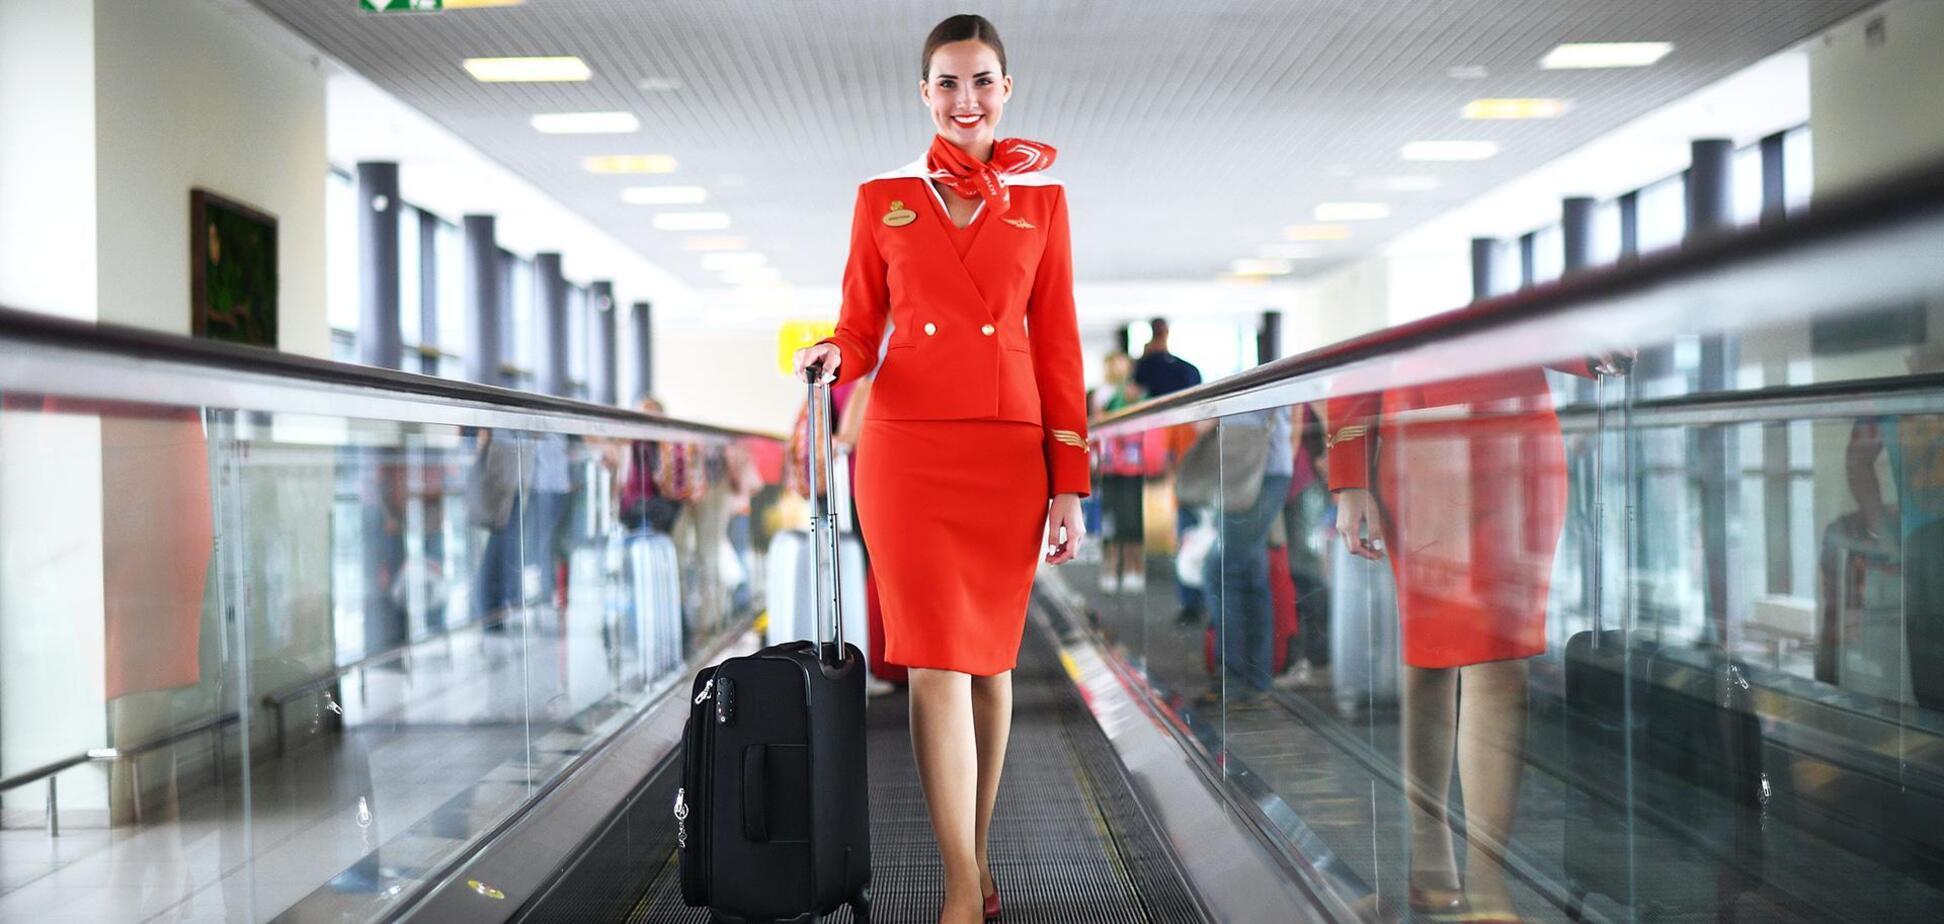 Найвродливіші стюардеси світу показали себе в Instagram